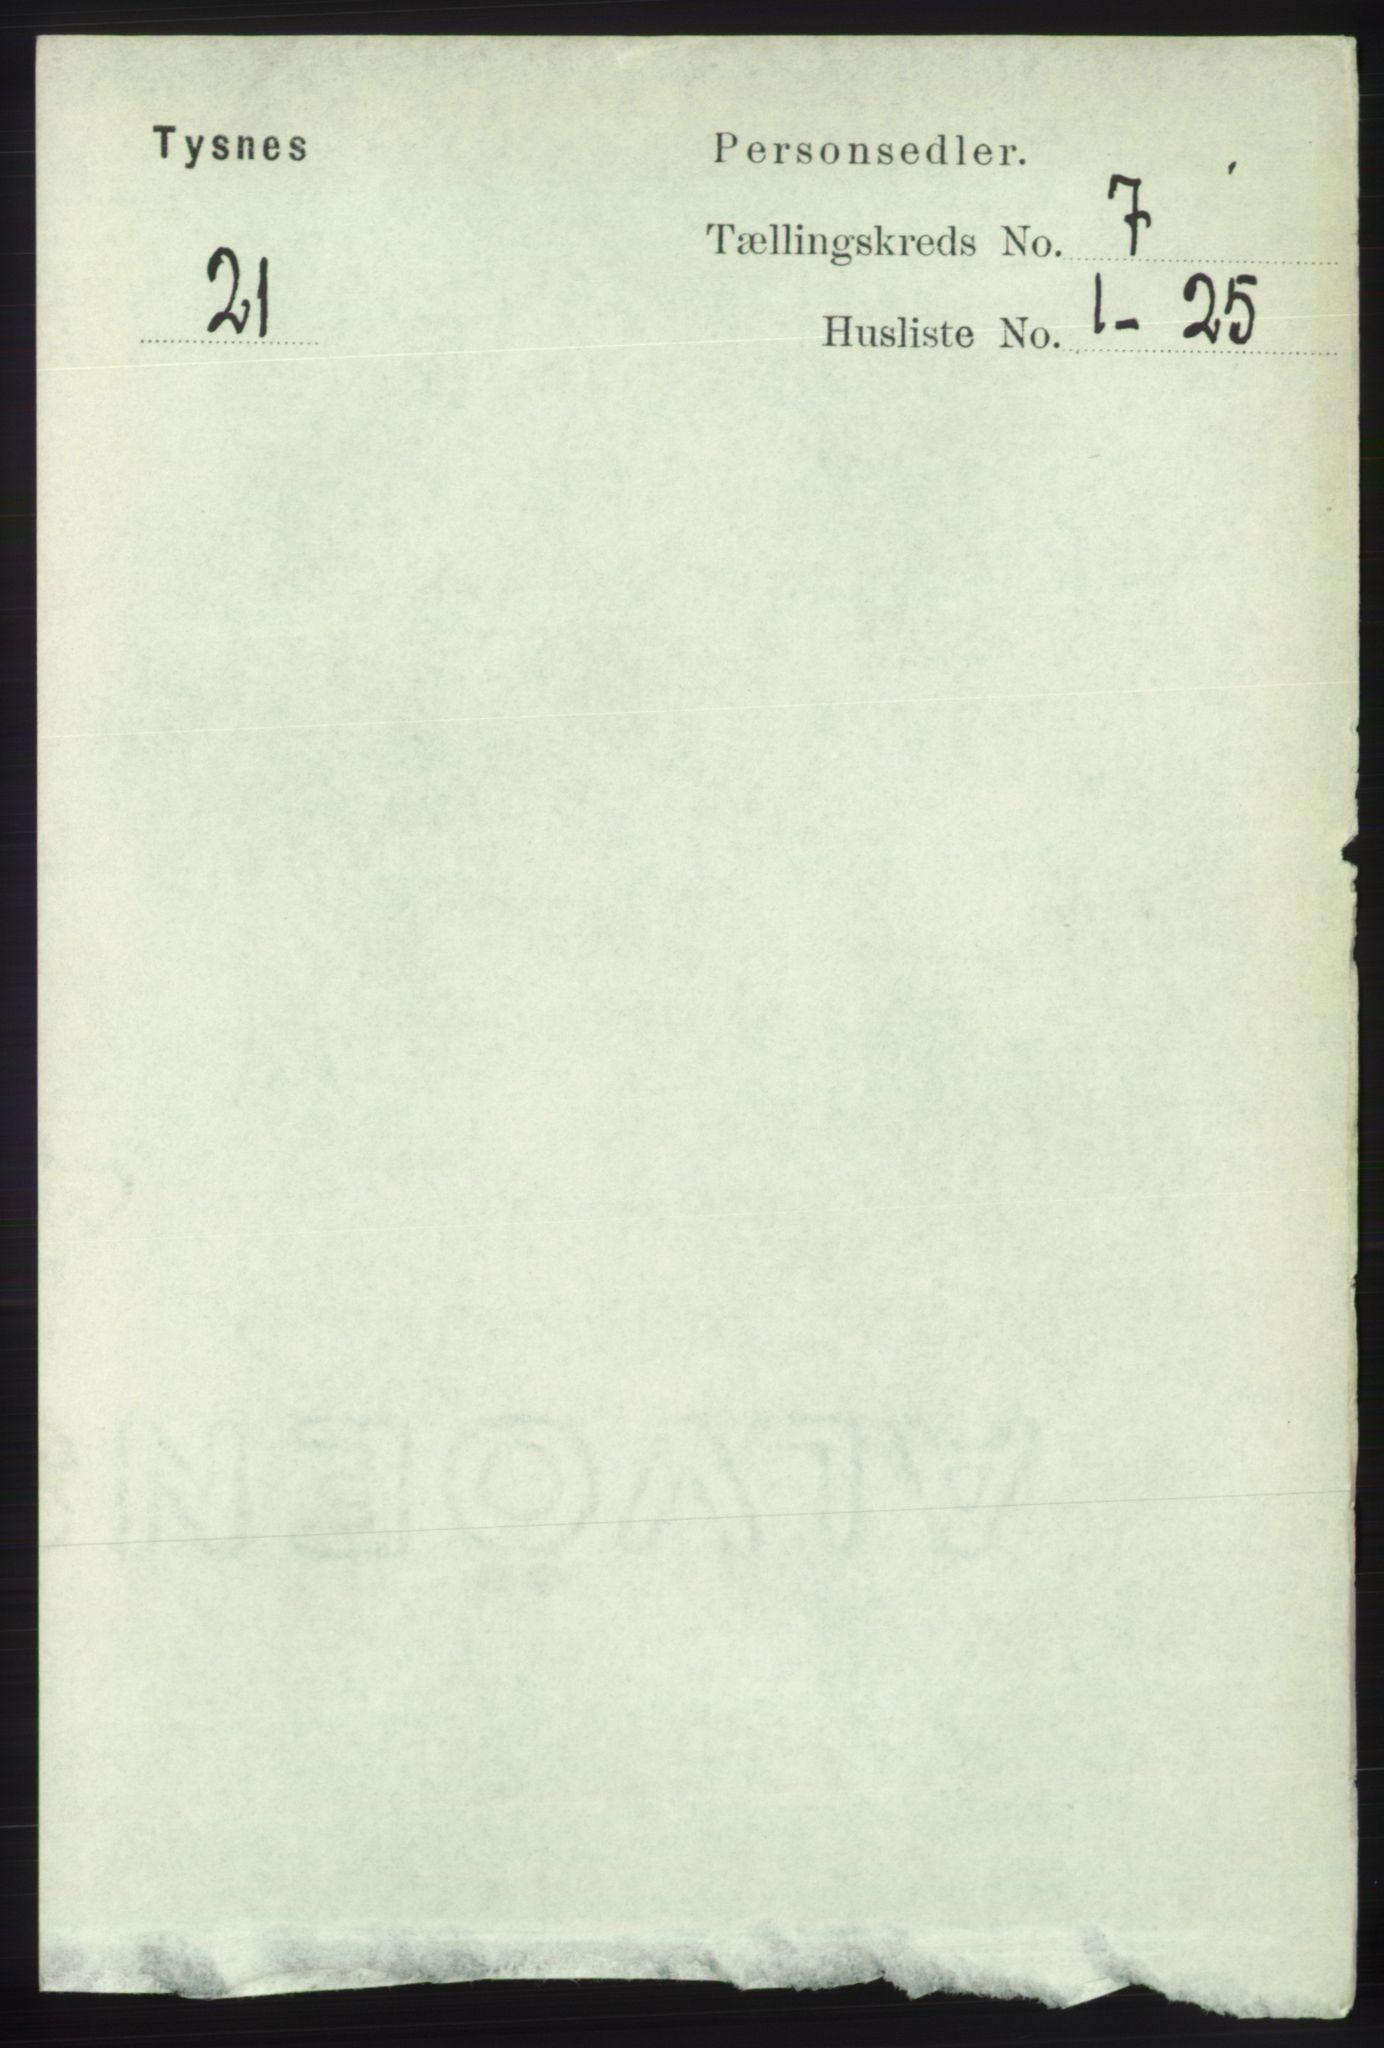 RA, Folketelling 1891 for 1223 Tysnes herred, 1891, s. 2877